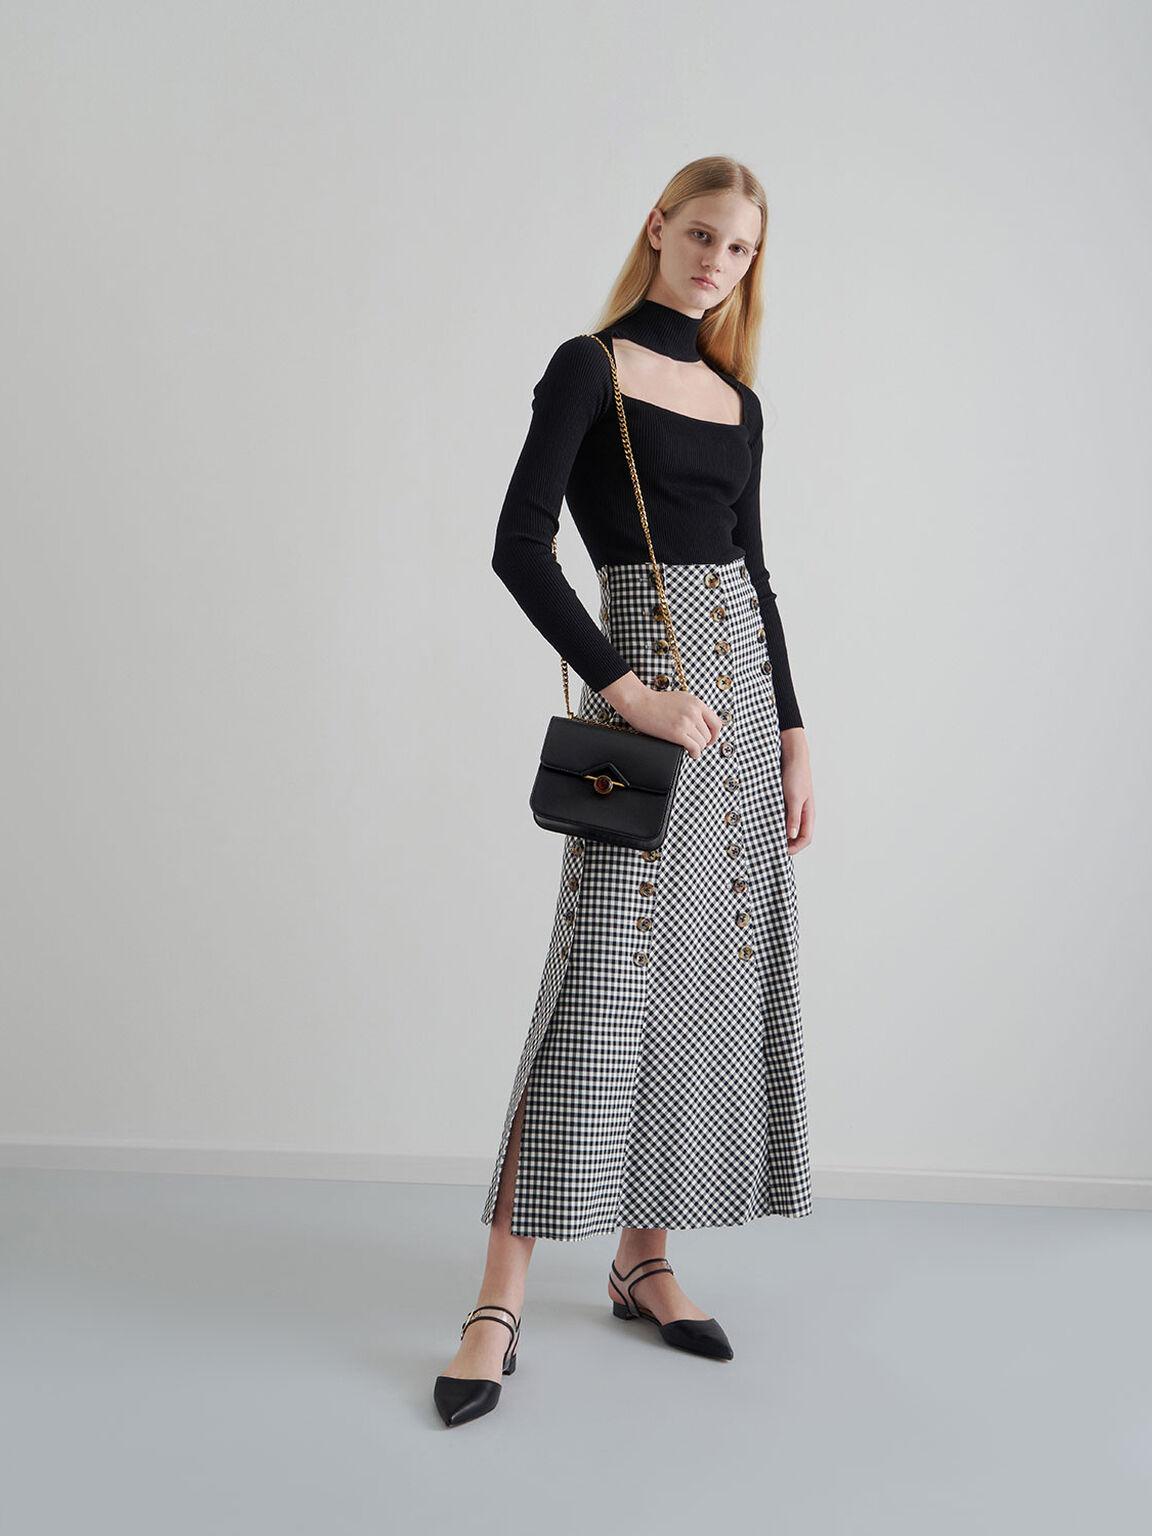 Embellished Buckle Chain Strap Bag, Black, hi-res